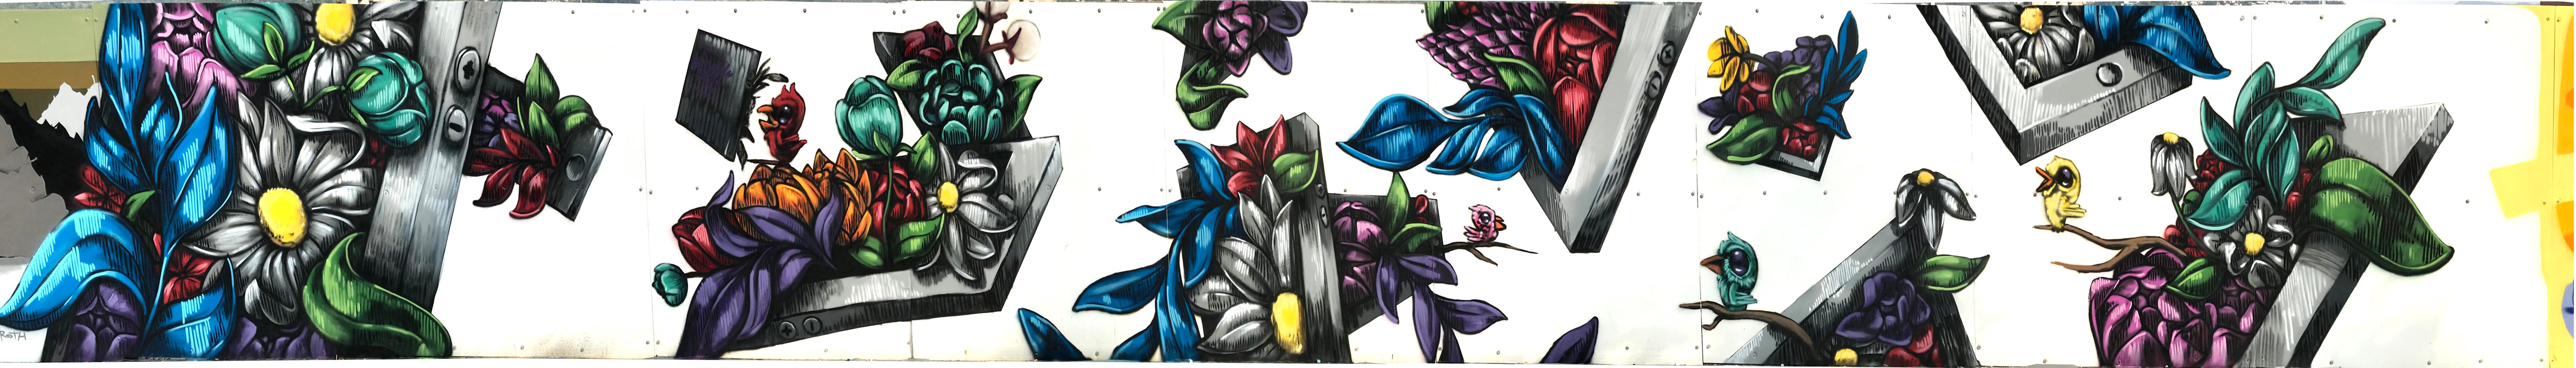 Flowerscreens